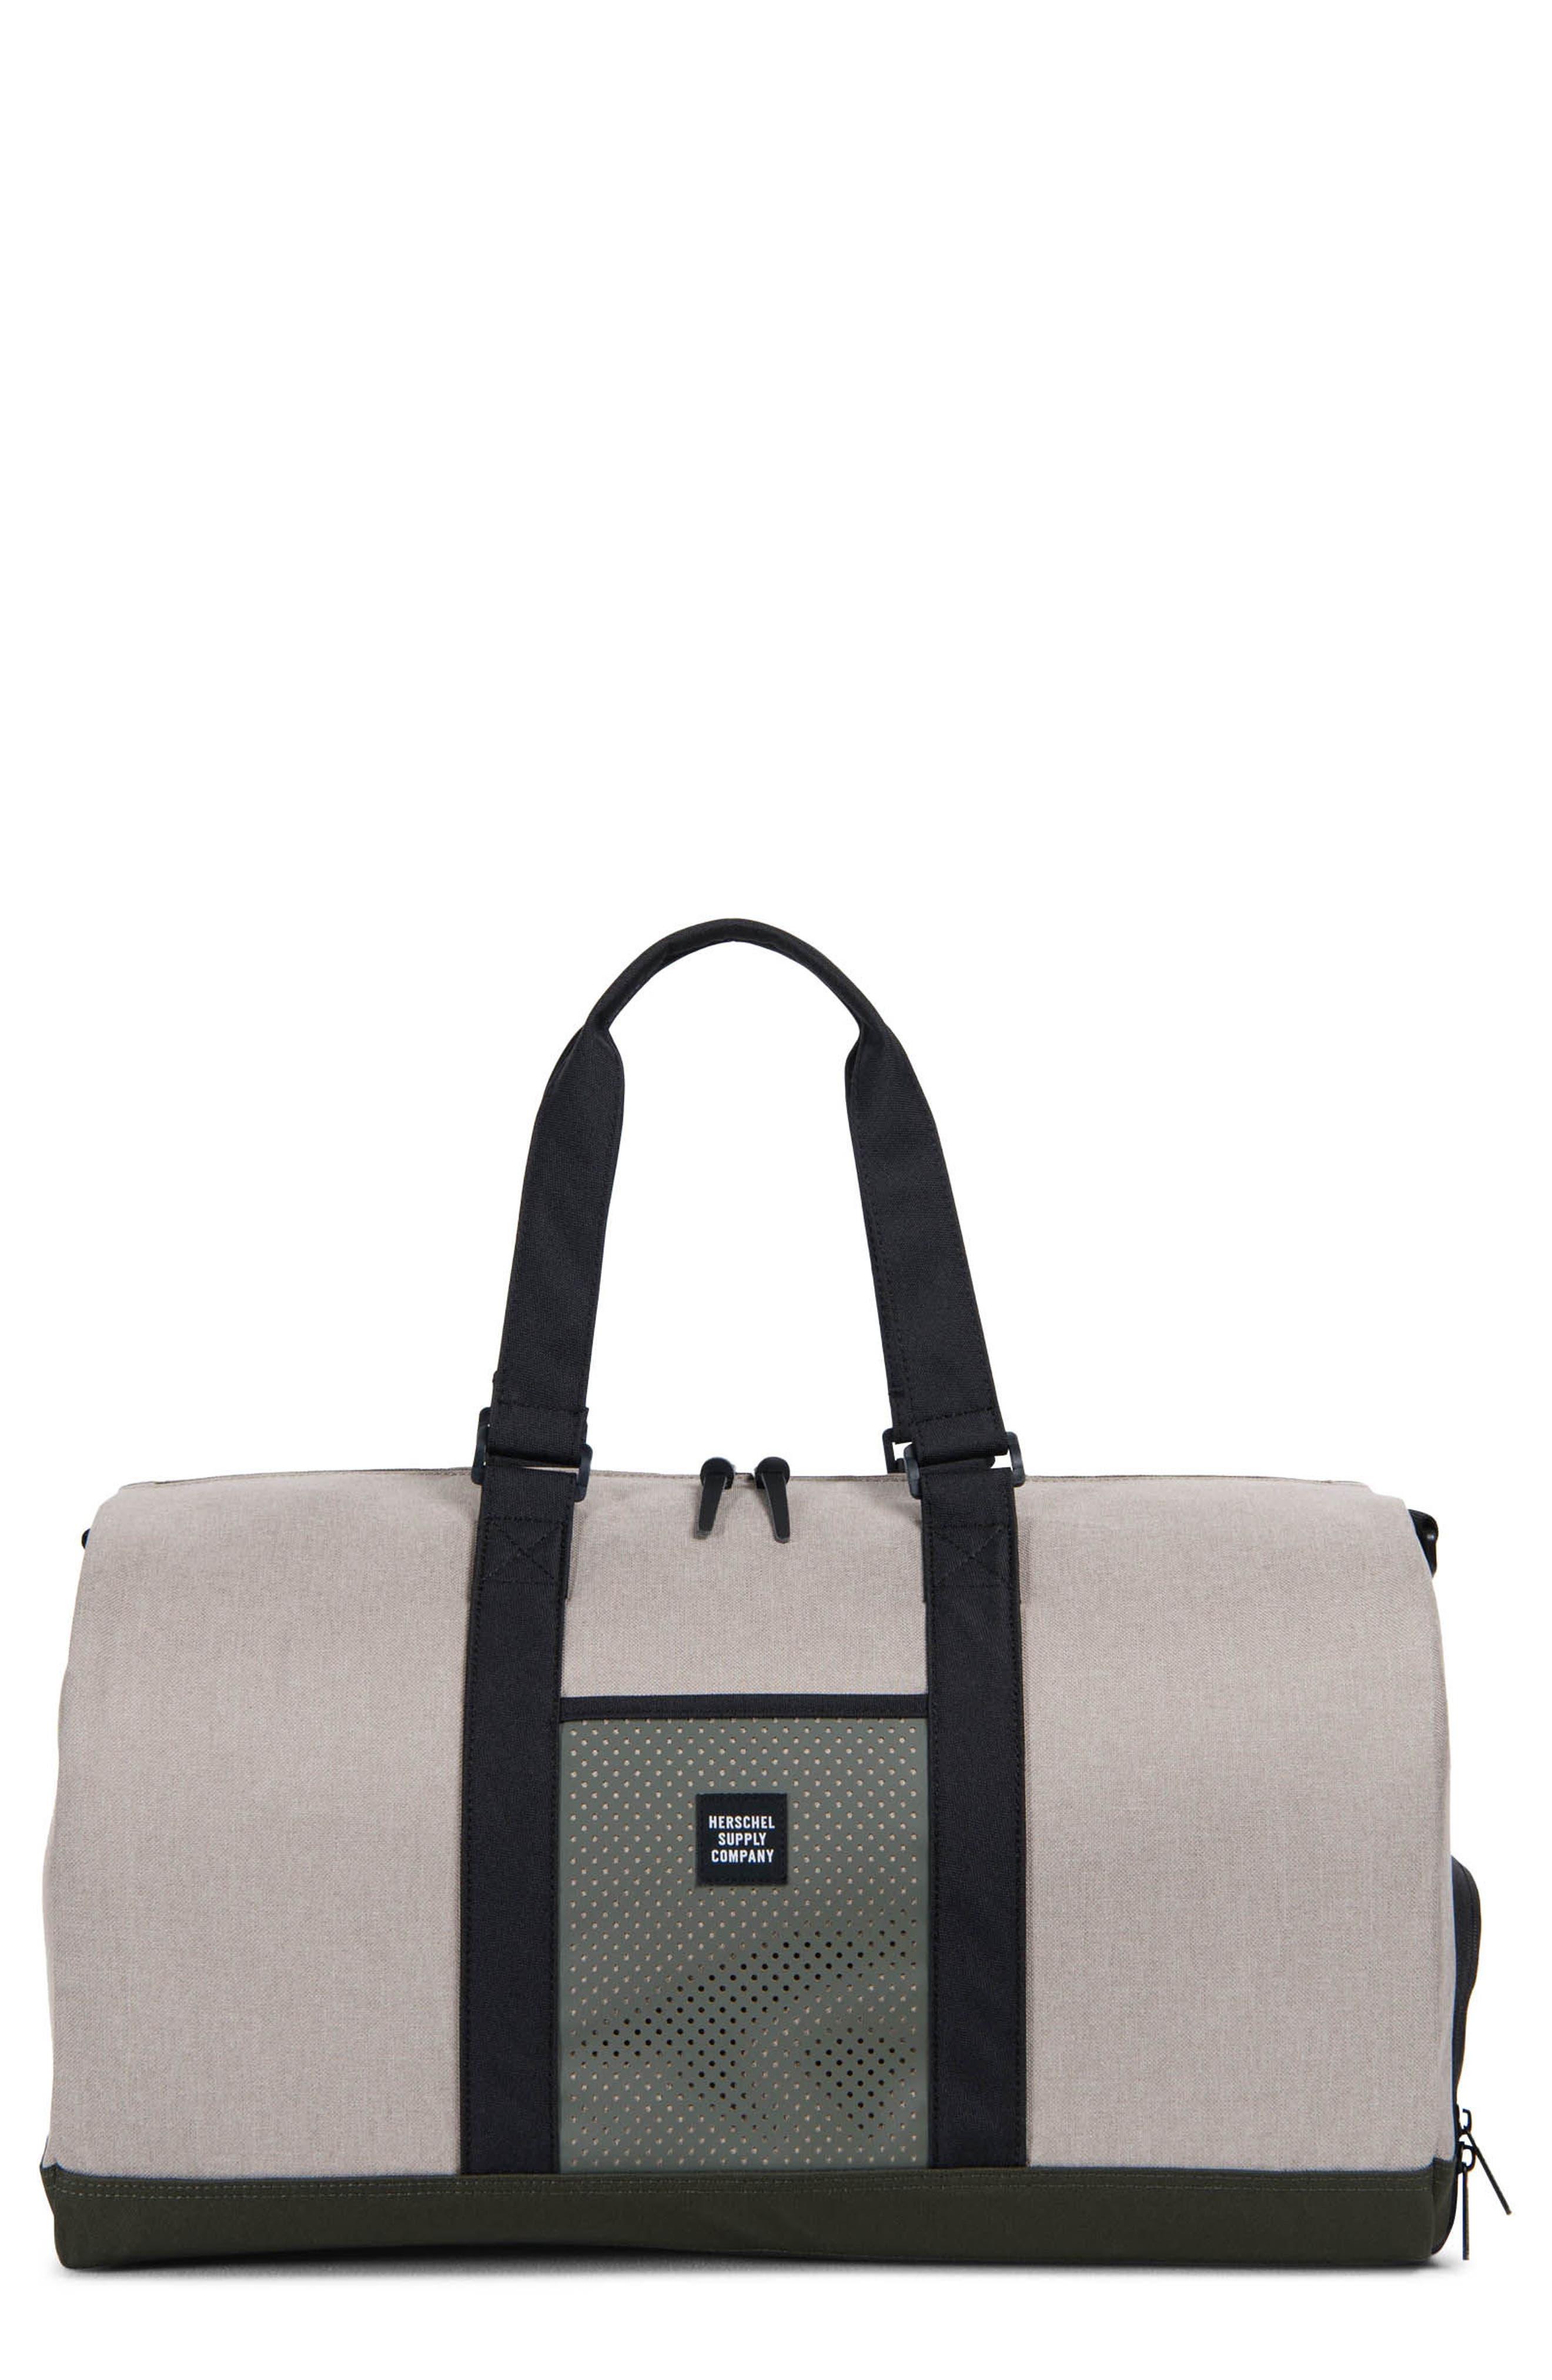 Main Image - Herschel Supply Co. 'Novel - Aspect' Duffel Bag